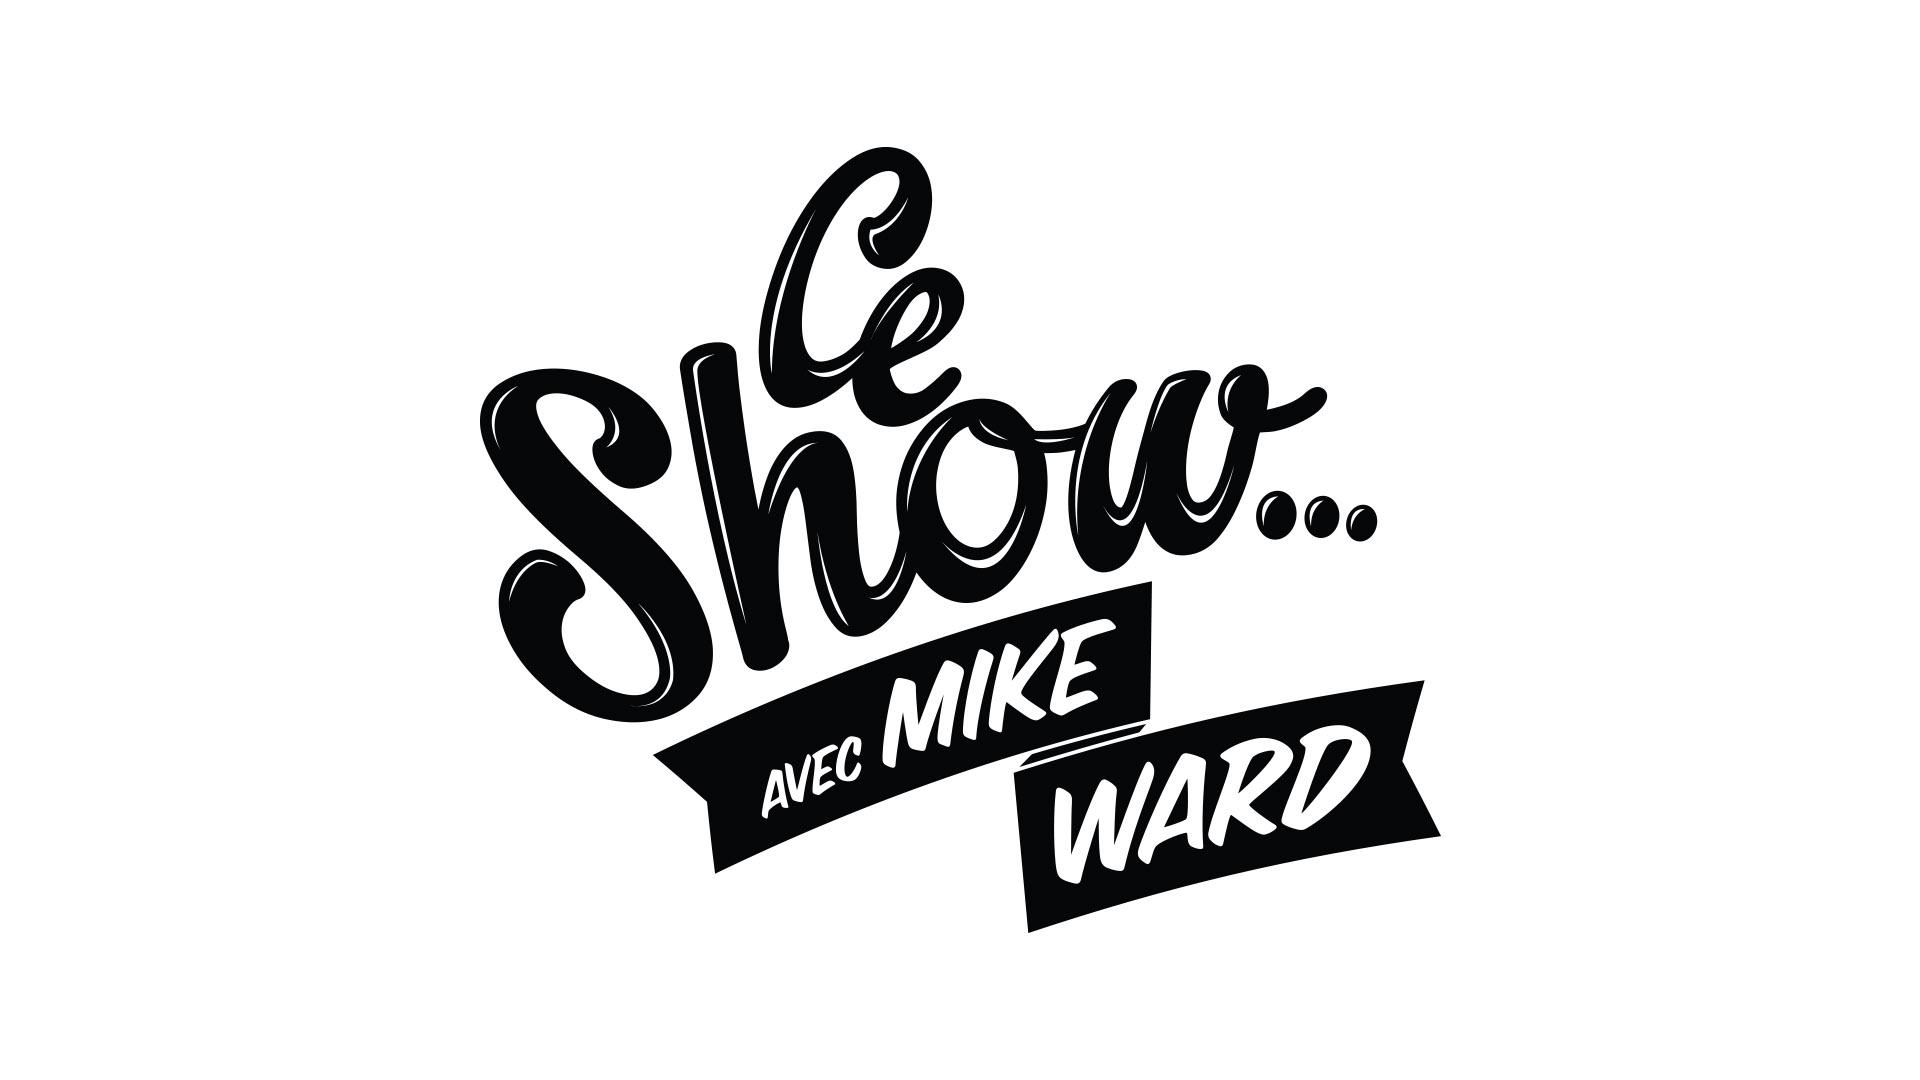 Ce show...